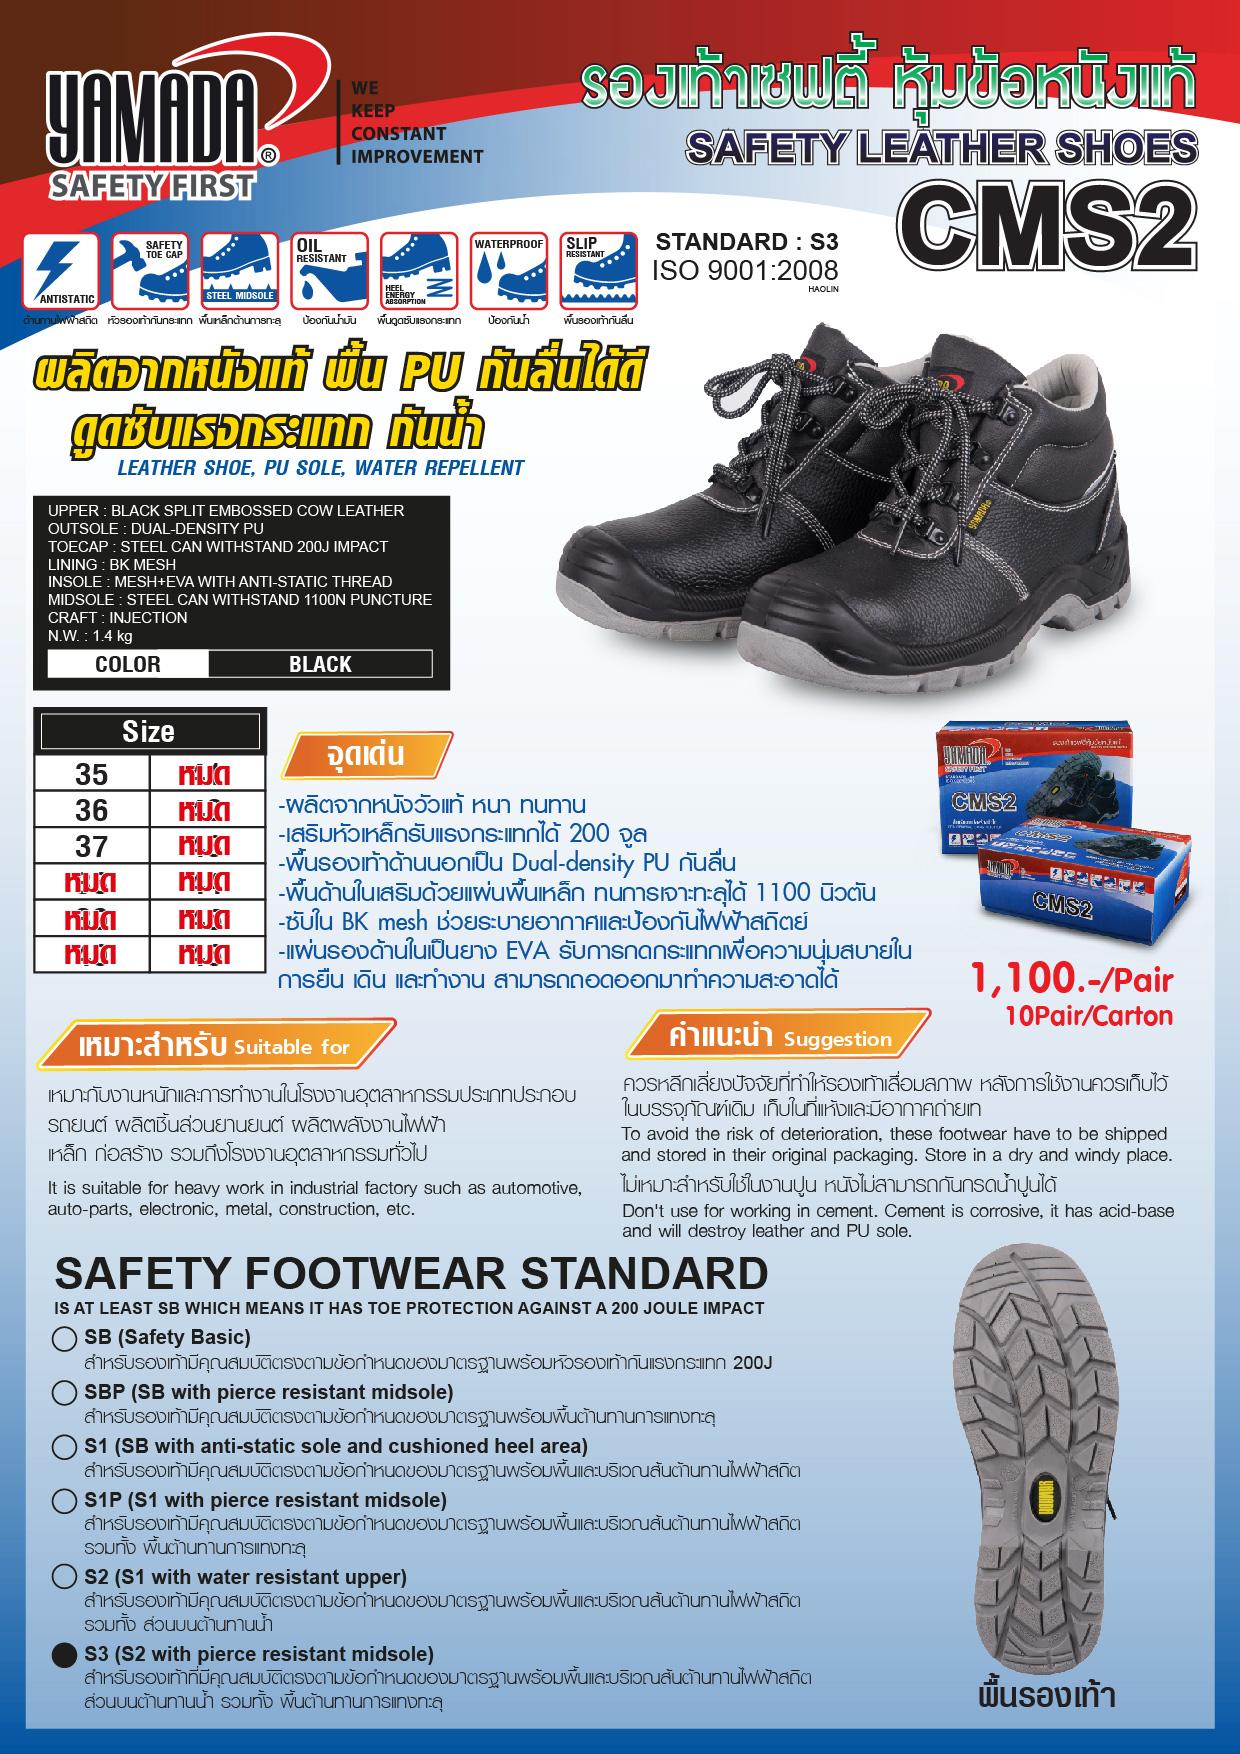 (105/278) รองเท้าเซฟตี้ หุ้มข้อ หนังแท้ รุ่น CMS2